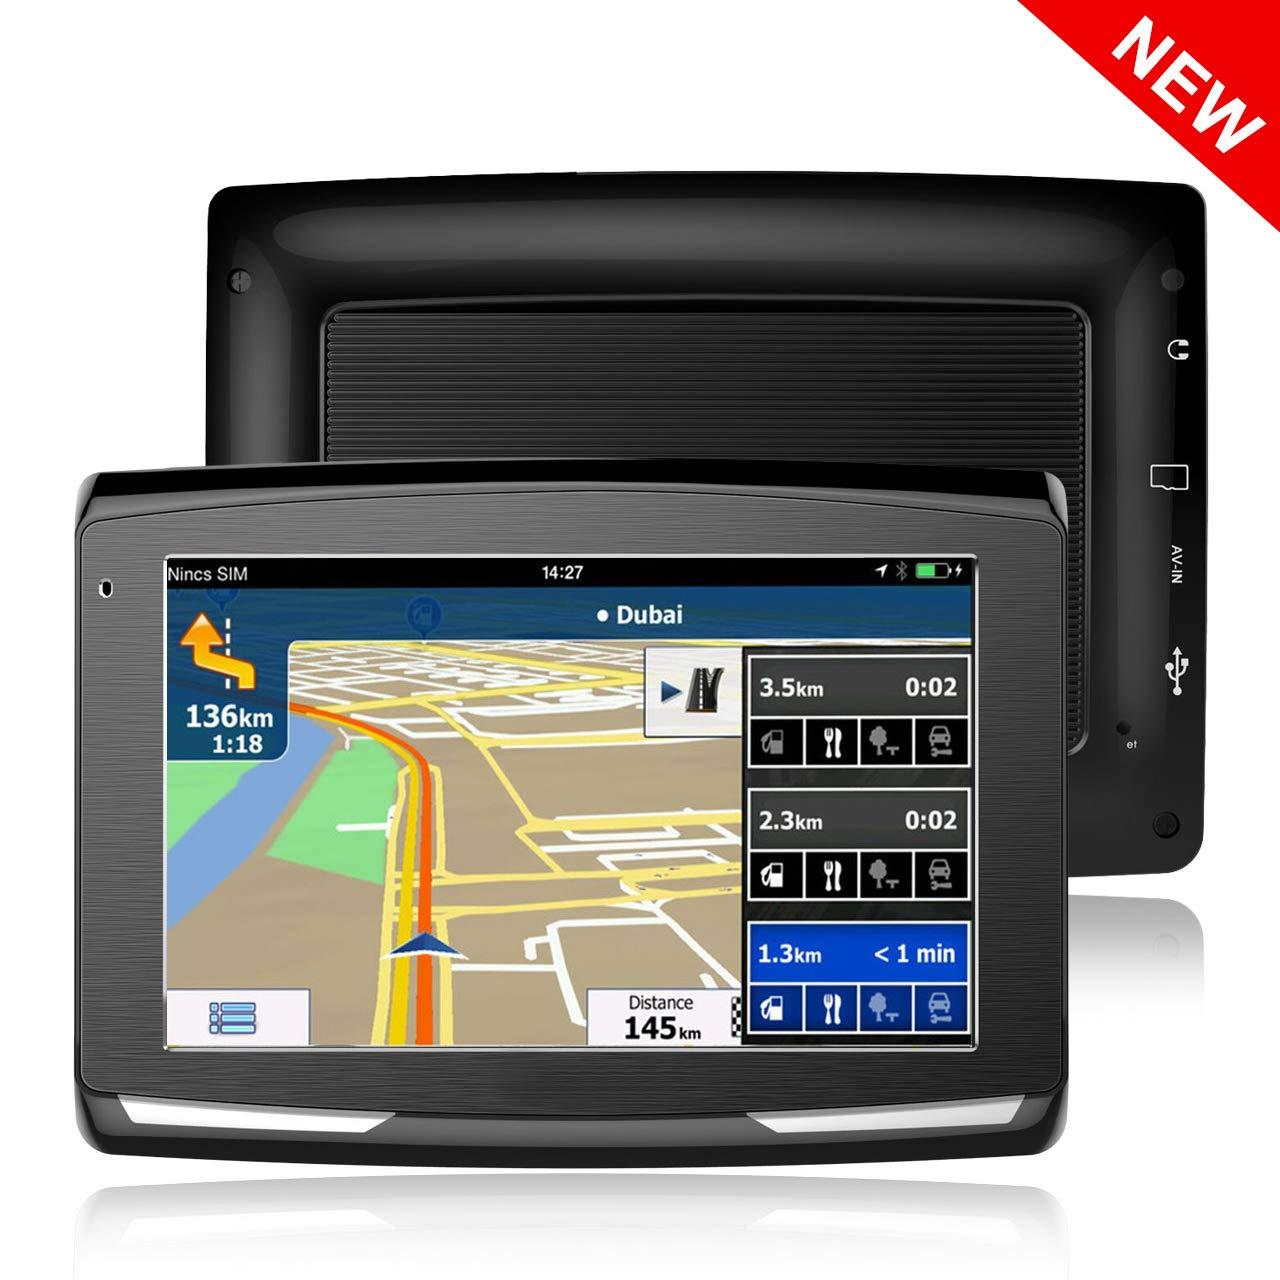 5' GPS Auto Voiture Moto 8Go, X-EUCO Appareil de Navigation É cran Tactile, Systè me de Navigation avec Multi-Languages, (Gratuits Cartographie d'europe) X-EUCO Appareil de Navigation Écran Tactile Système de Navigation avec Multi-Languages